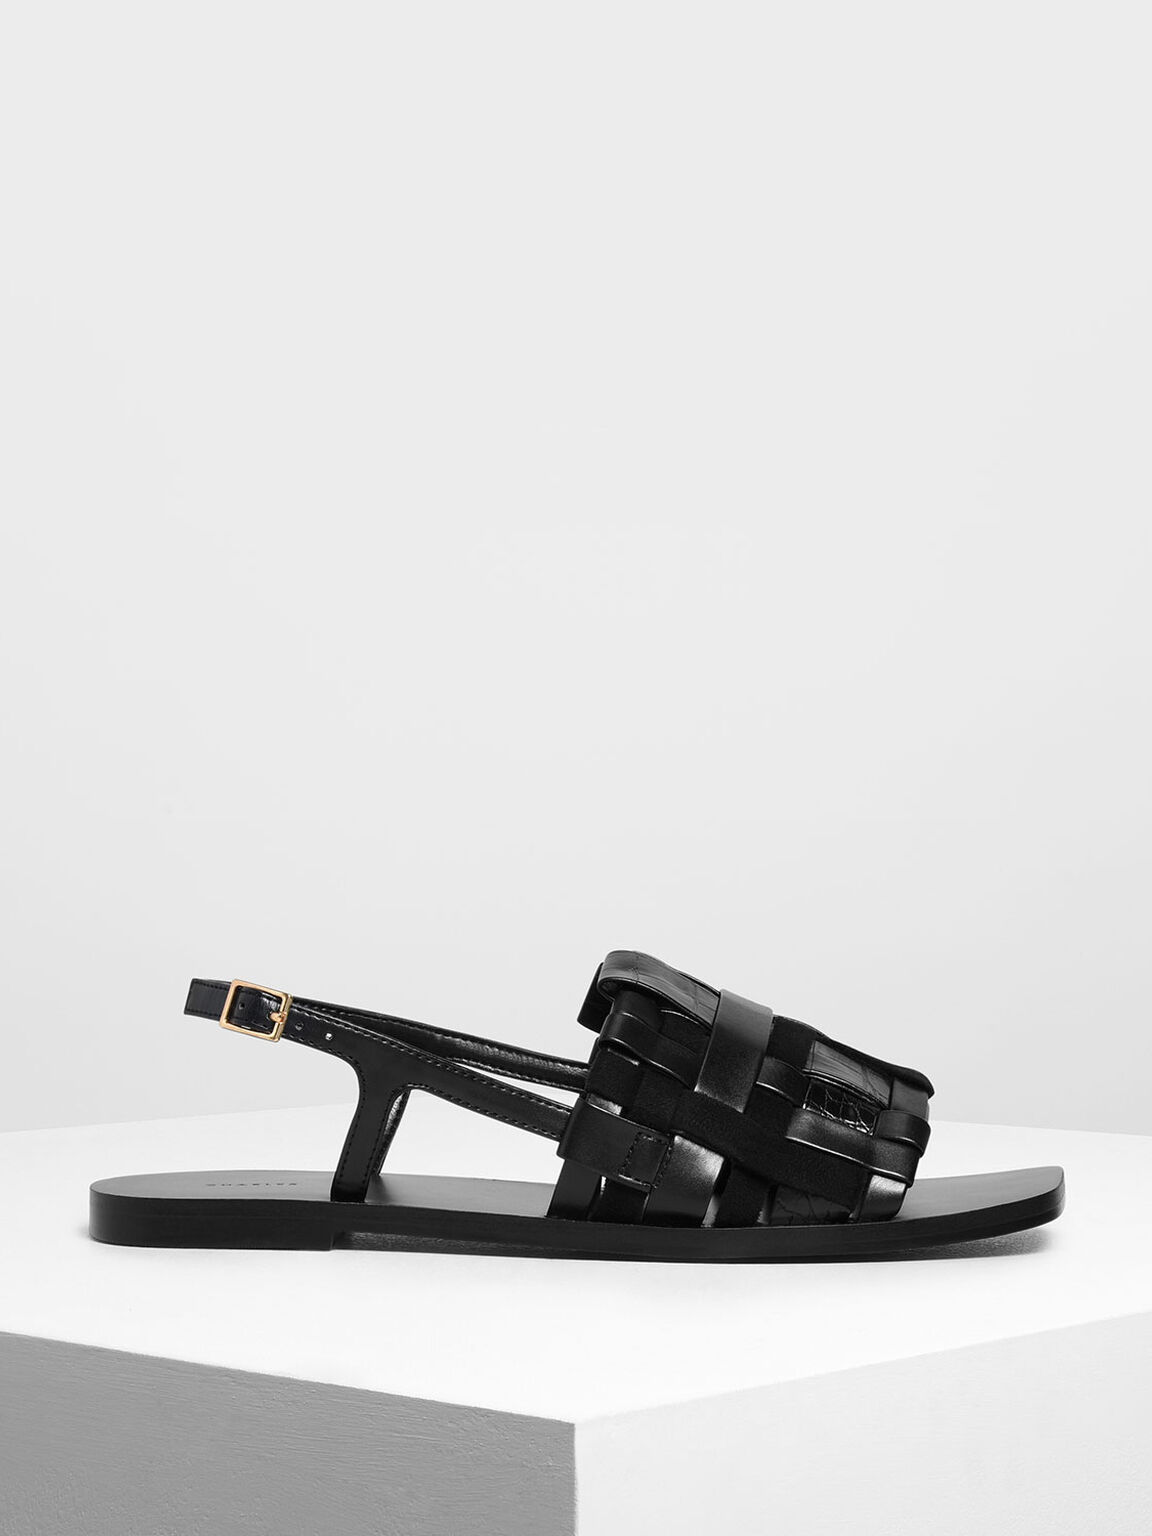 Woven Slingback Sandals, Black, hi-res